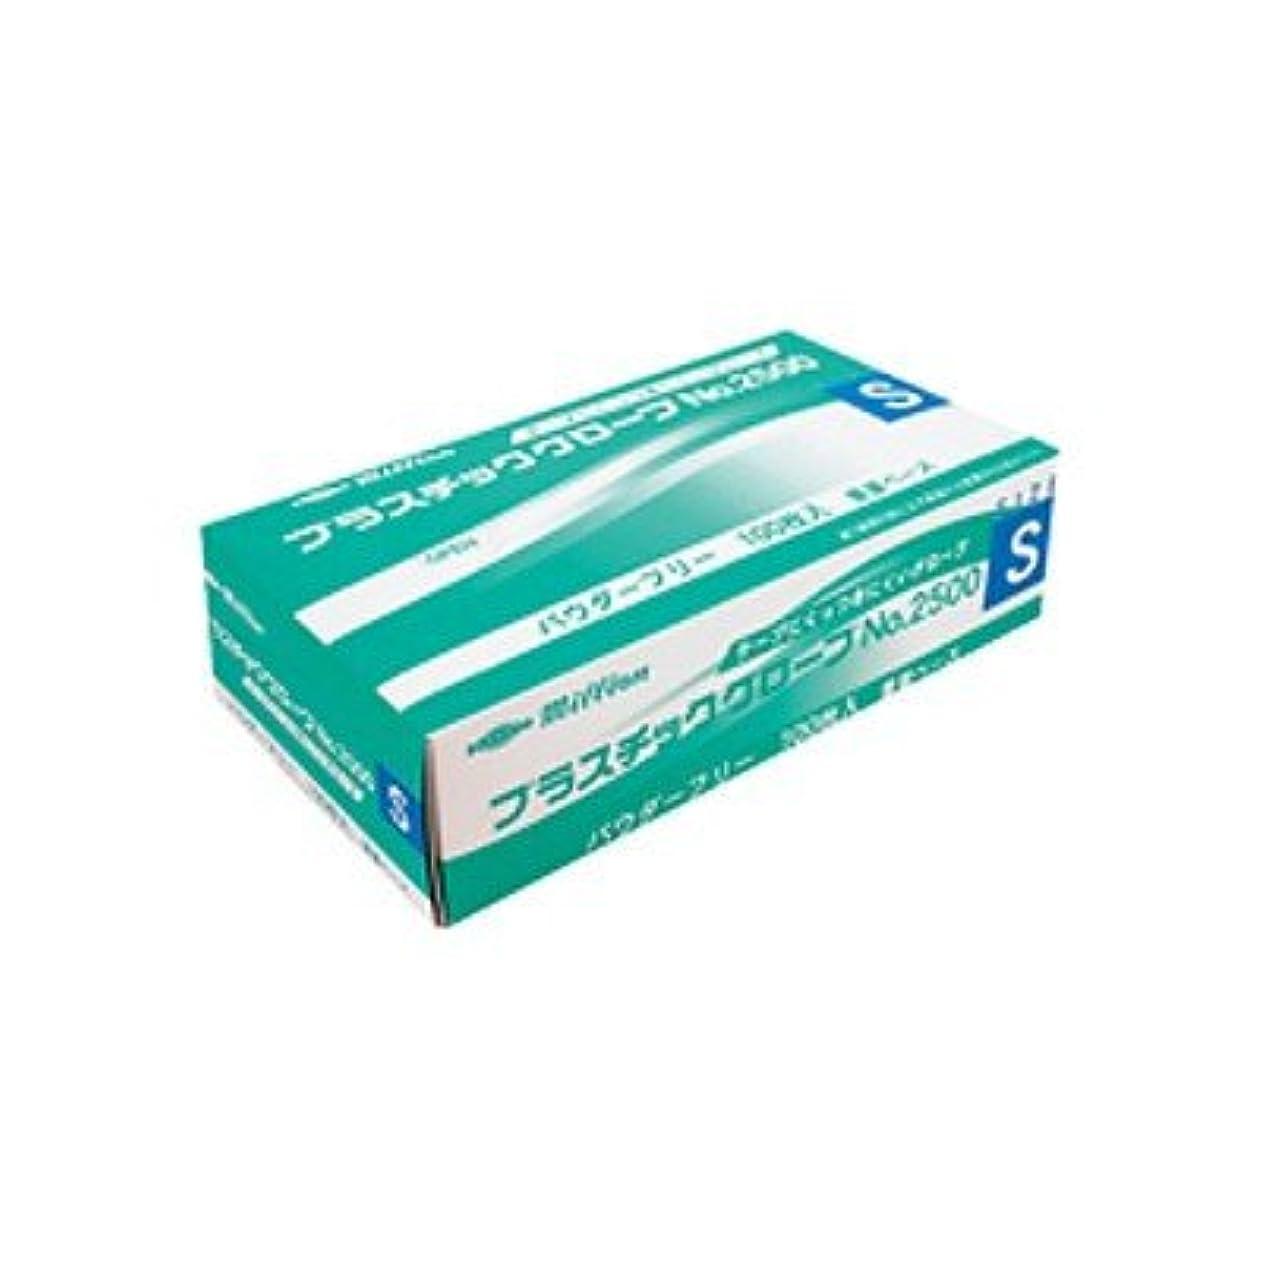 雑多なミルクミリオン プラスチック手袋 粉無No.2500 S 品番:LH-2500-S 注文番号:62741675 メーカー:共和